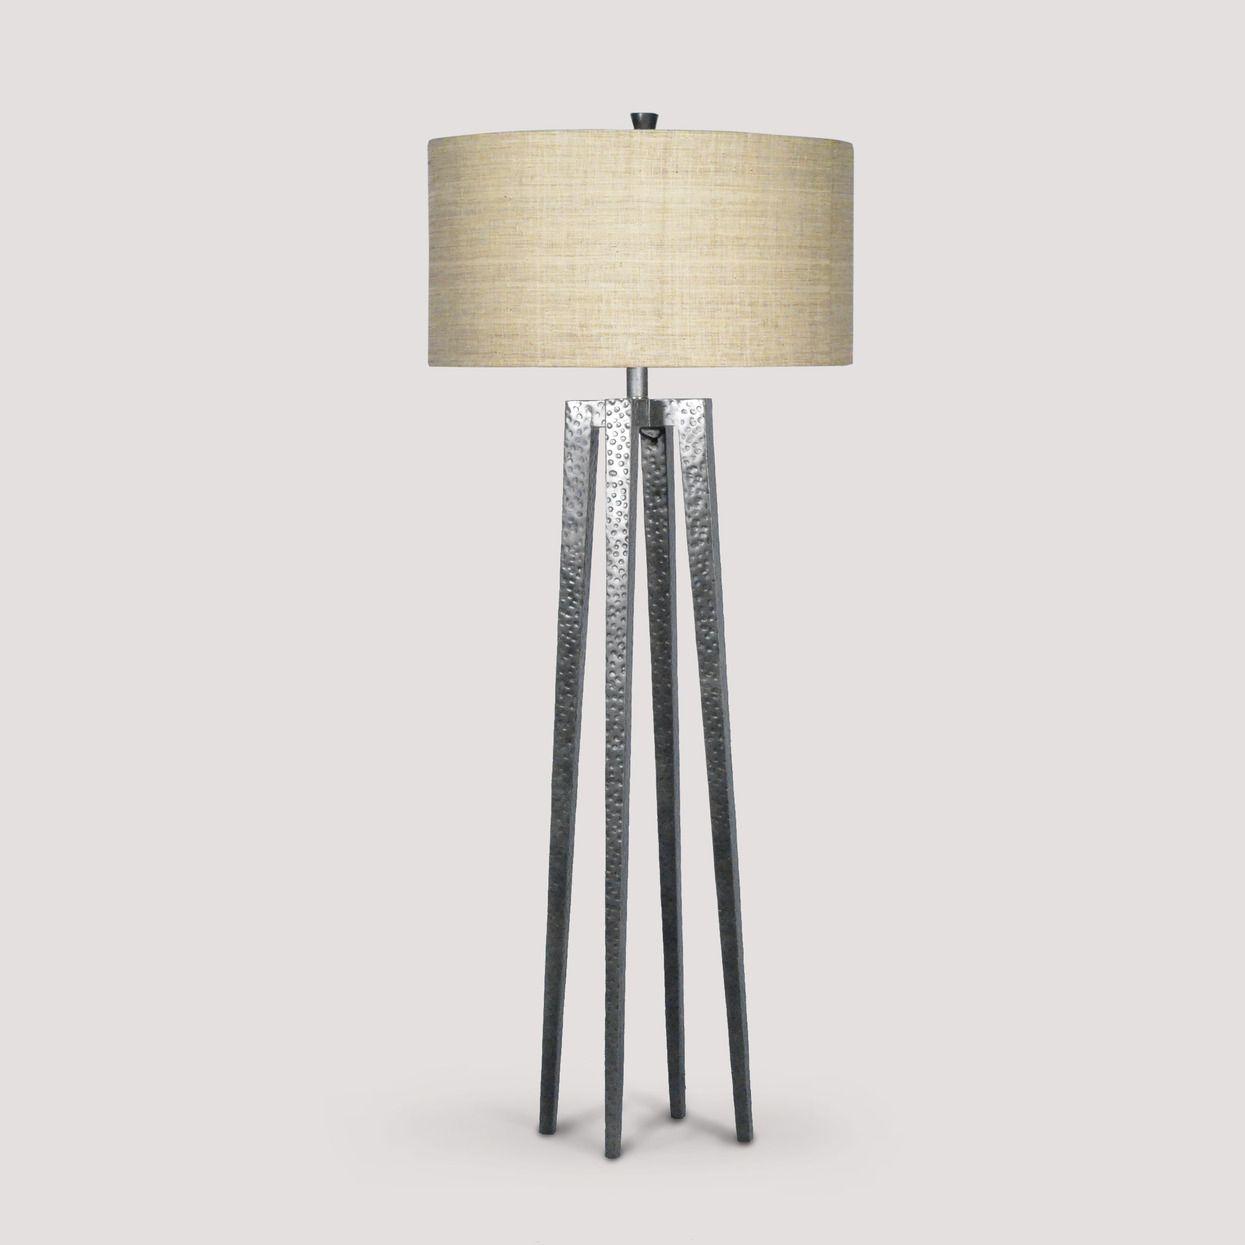 Josephine Quattro Floor L& 256442 & Josephine Quattro Floor Lamp 256442 | PALECEK Lighting | Pinterest ... azcodes.com